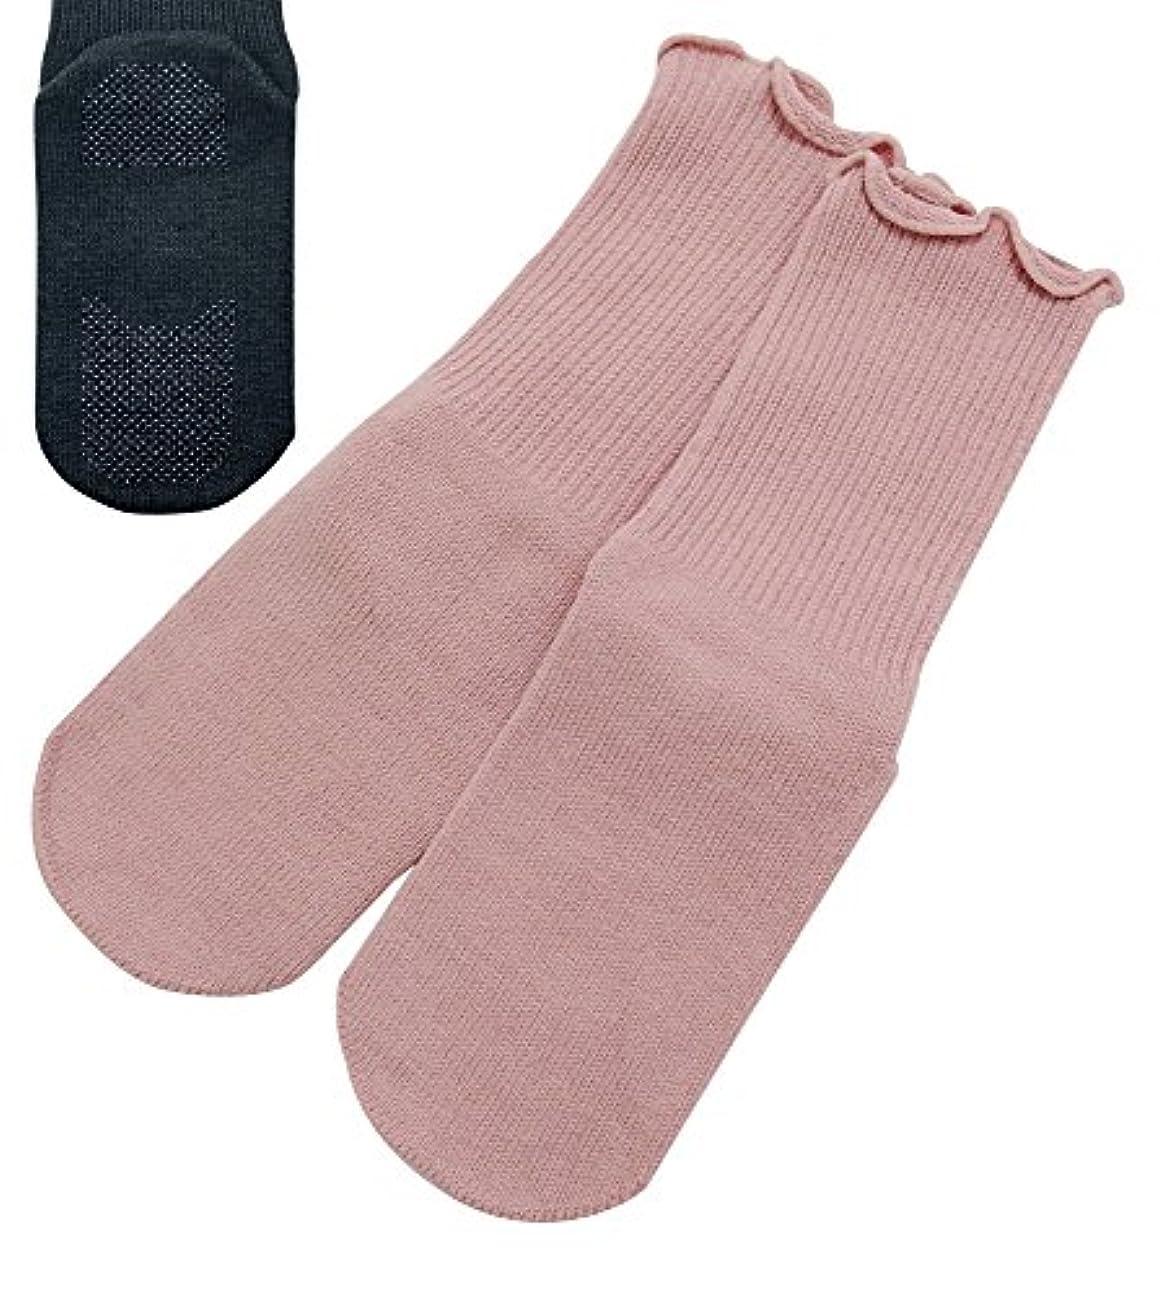 エイズ涙選ぶとにかく伸びる!特大靴下 極上しめつけません靴下 すべり止め付 ローズ 4697